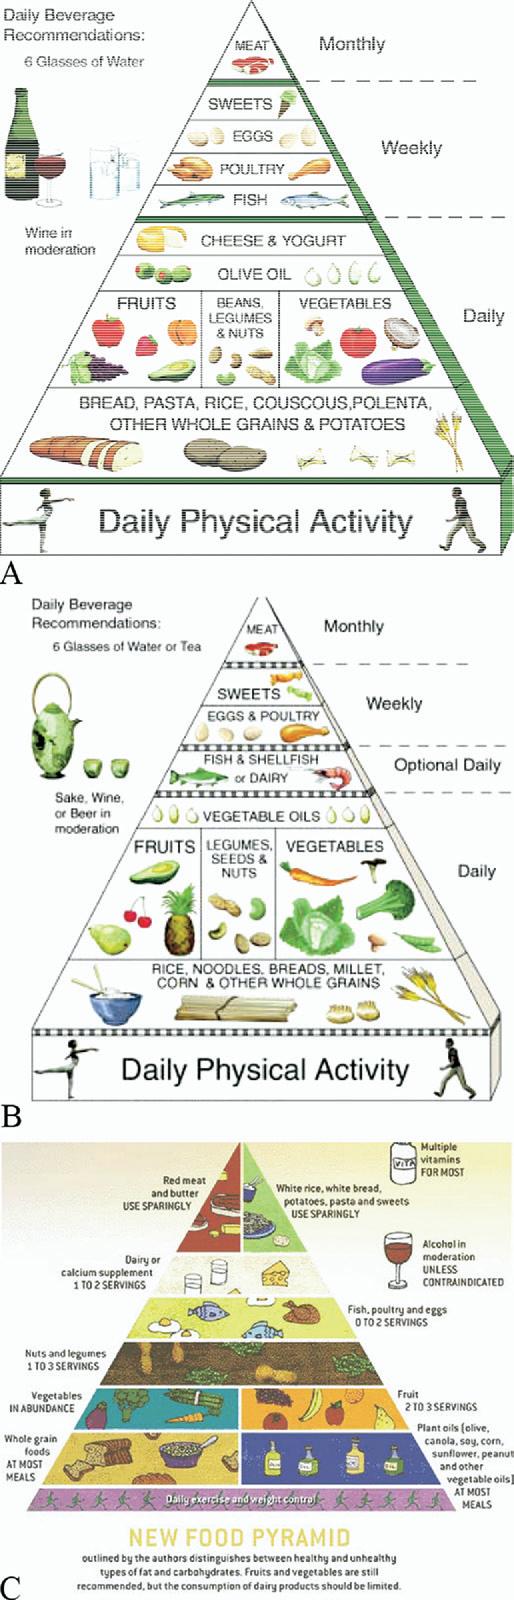 La piramide alimentare mostra le giuste proporzioni tra i vari alimenti che devono comporre una dieta equilibrata come quella mediterranea